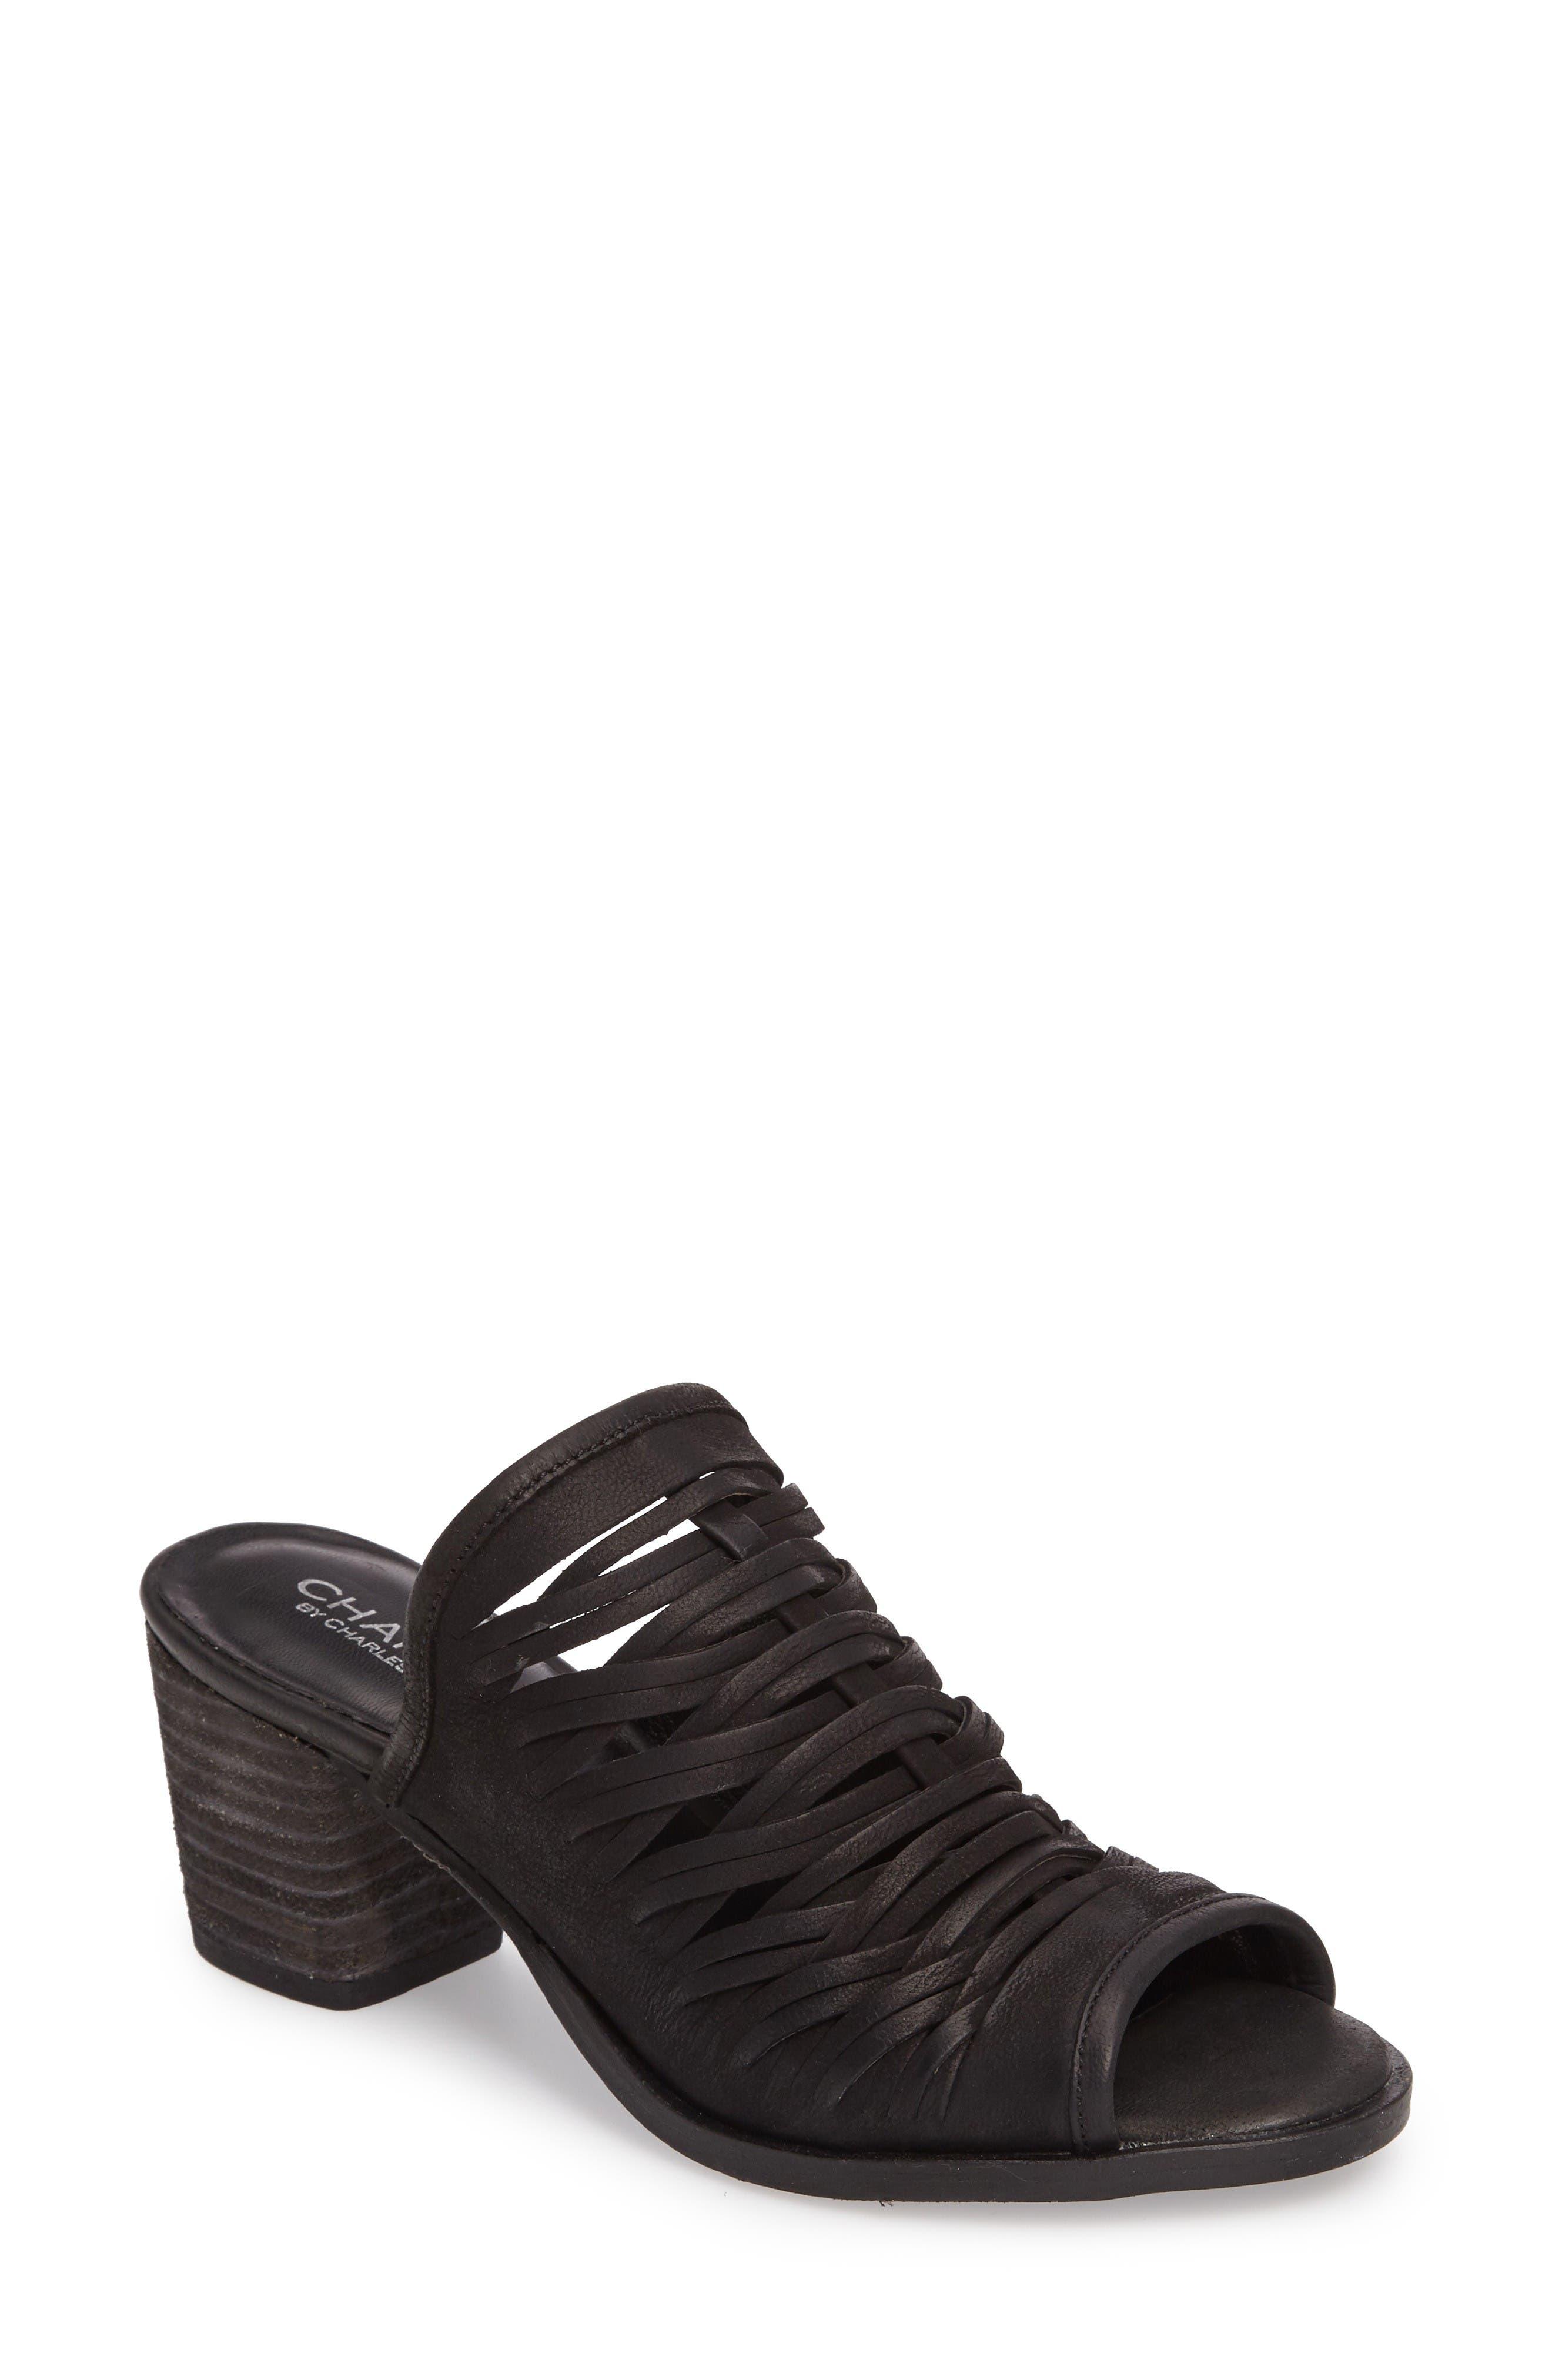 Chris Slivered Sandal,                         Main,                         color, Black Leather